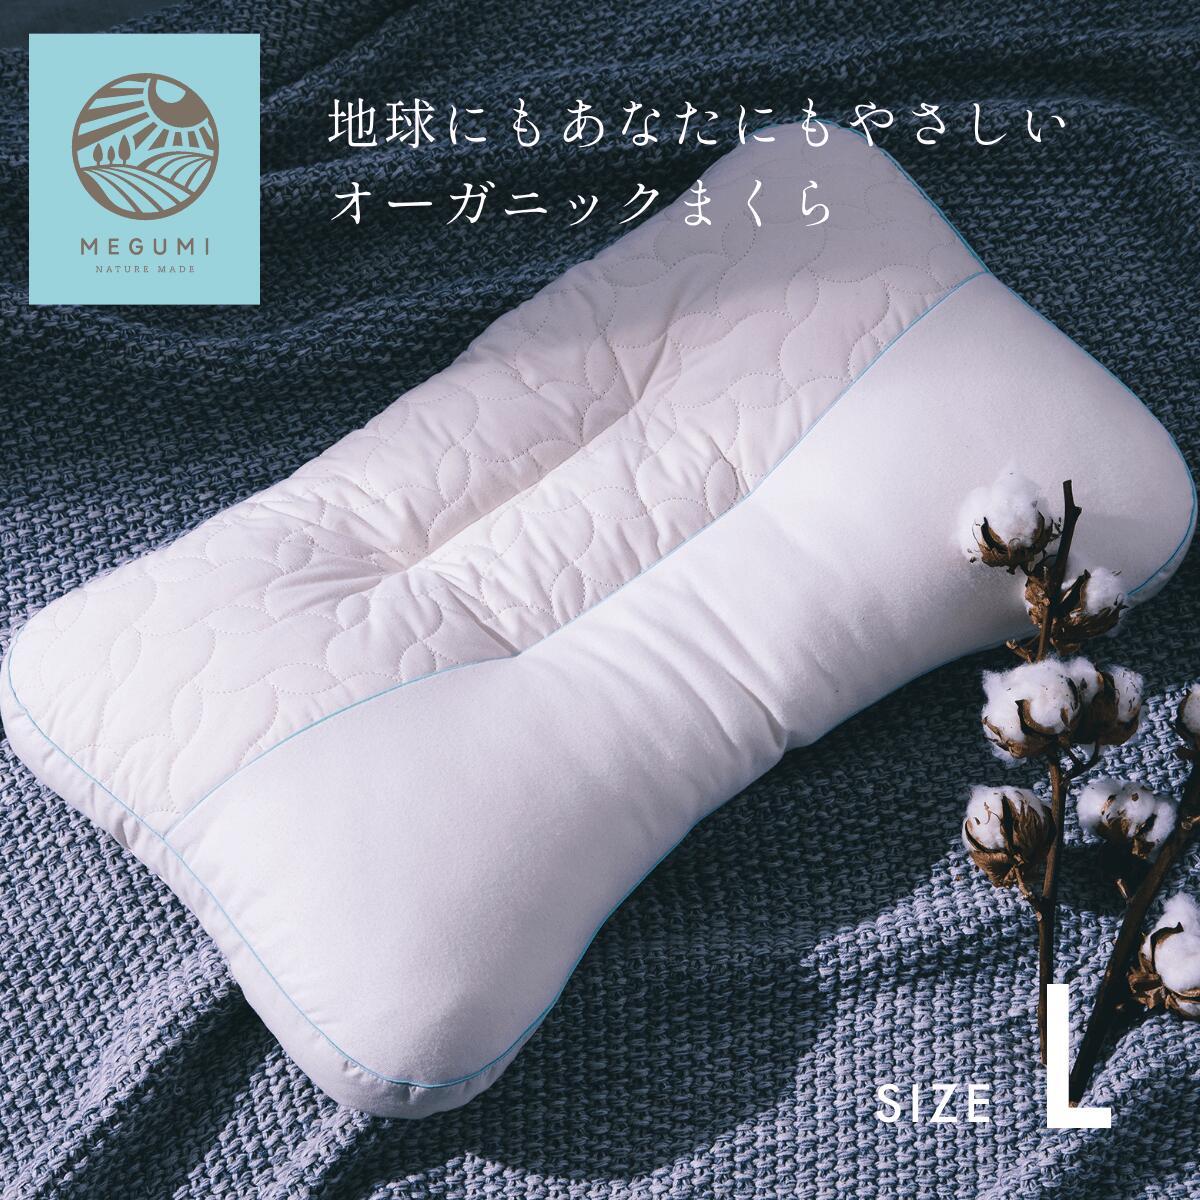 枕・抱き枕, 枕 81P11 MEGUMI 43x63